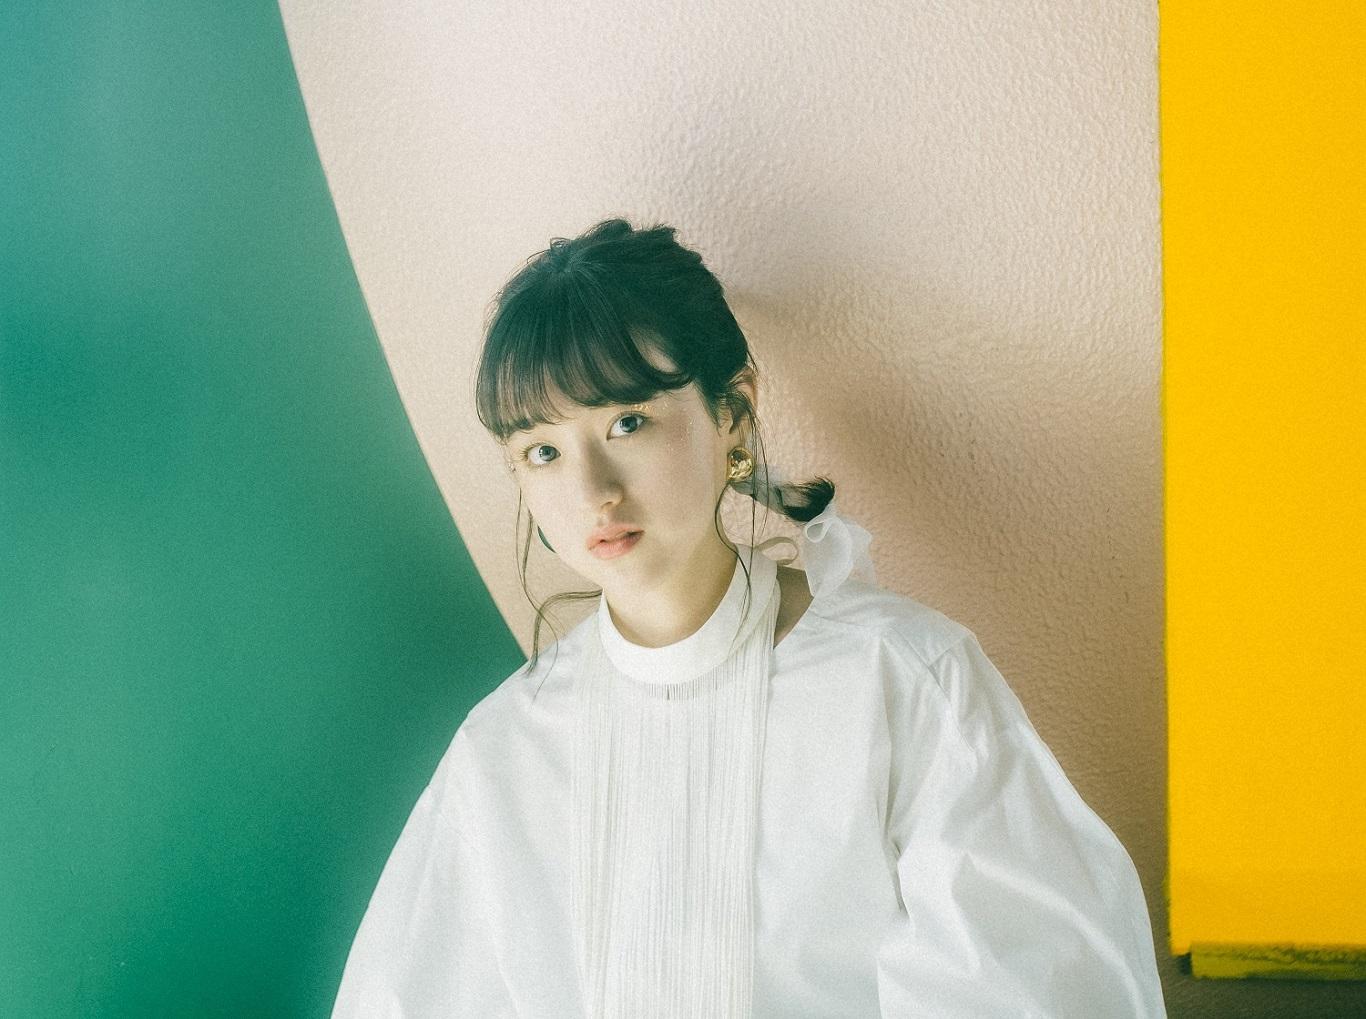 武藤彩未:大好きな80年代ソロアイドルの楽曲を思わせる新曲「マーマレード」をリリース